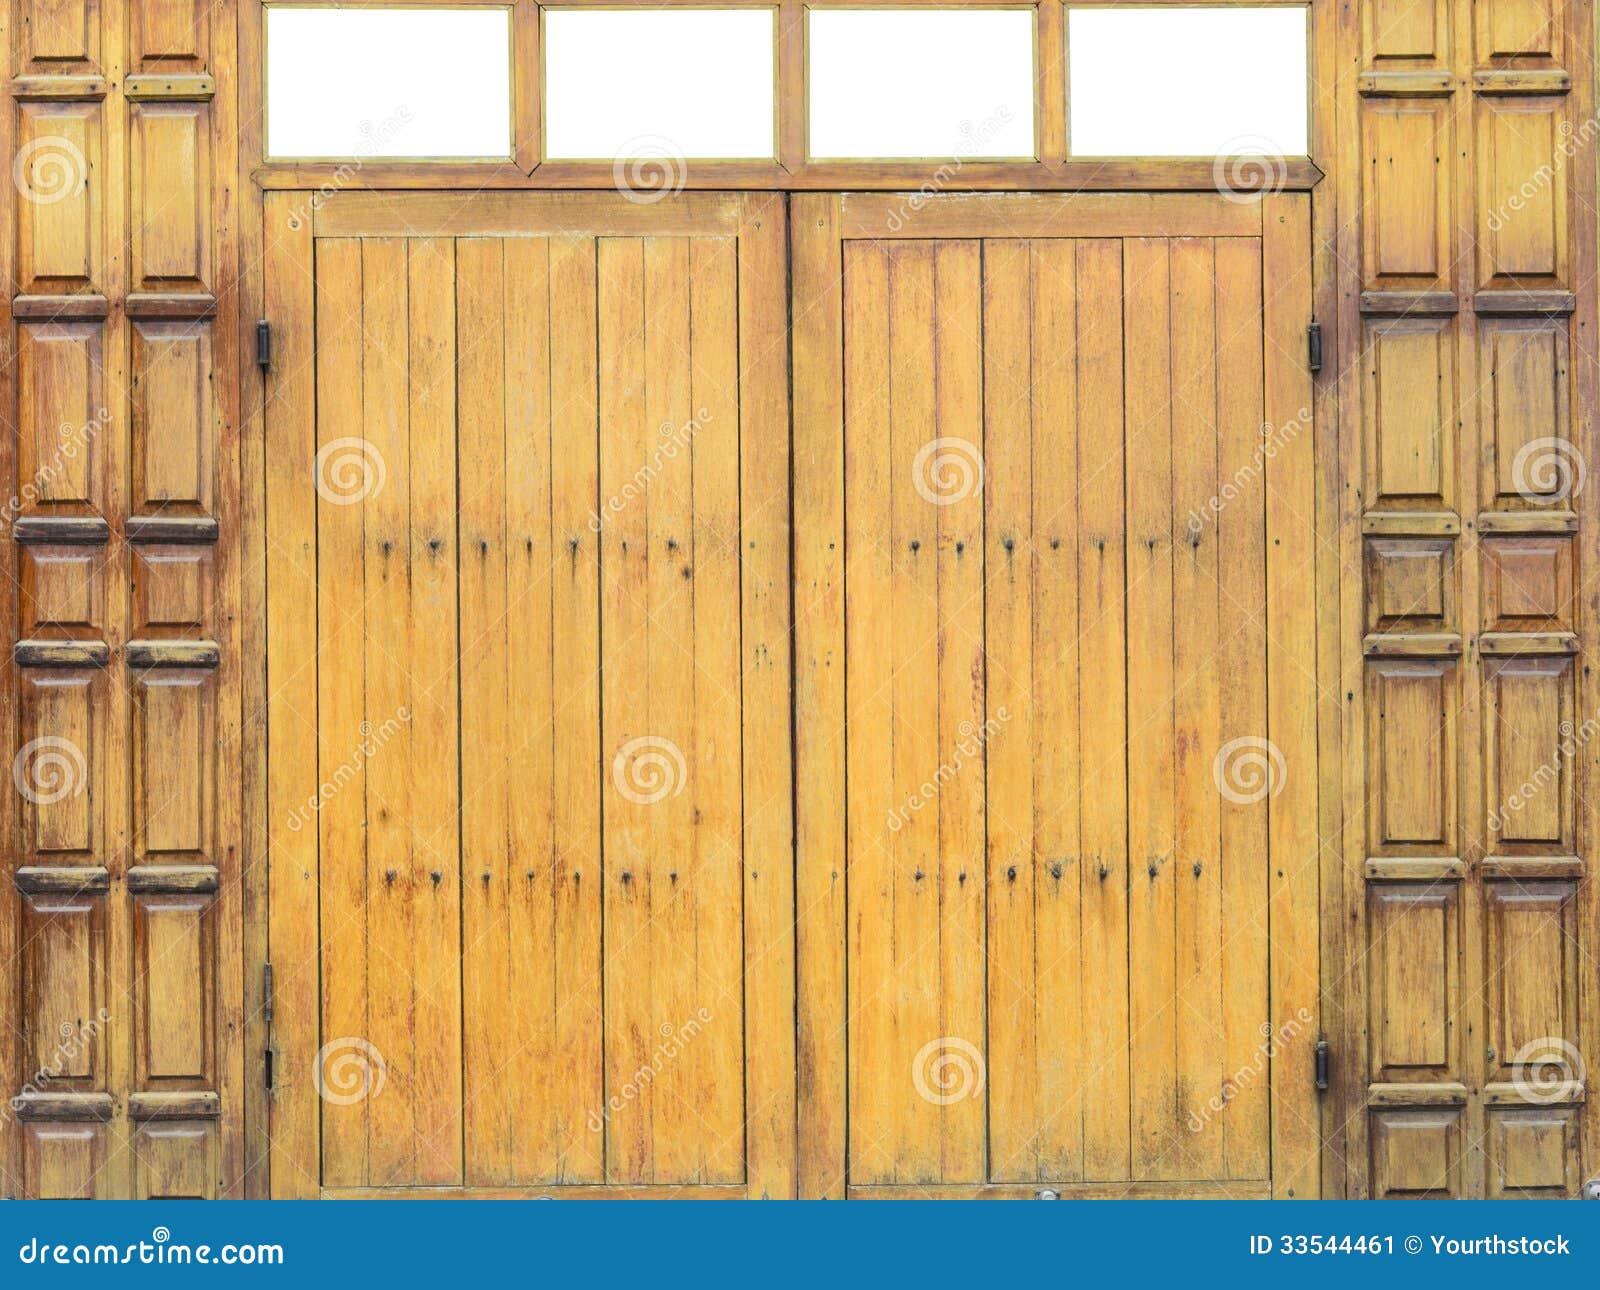 1065 #B87B13 Beautiful Wooden Front Door. image Beautiful Wooden Doors 46731300